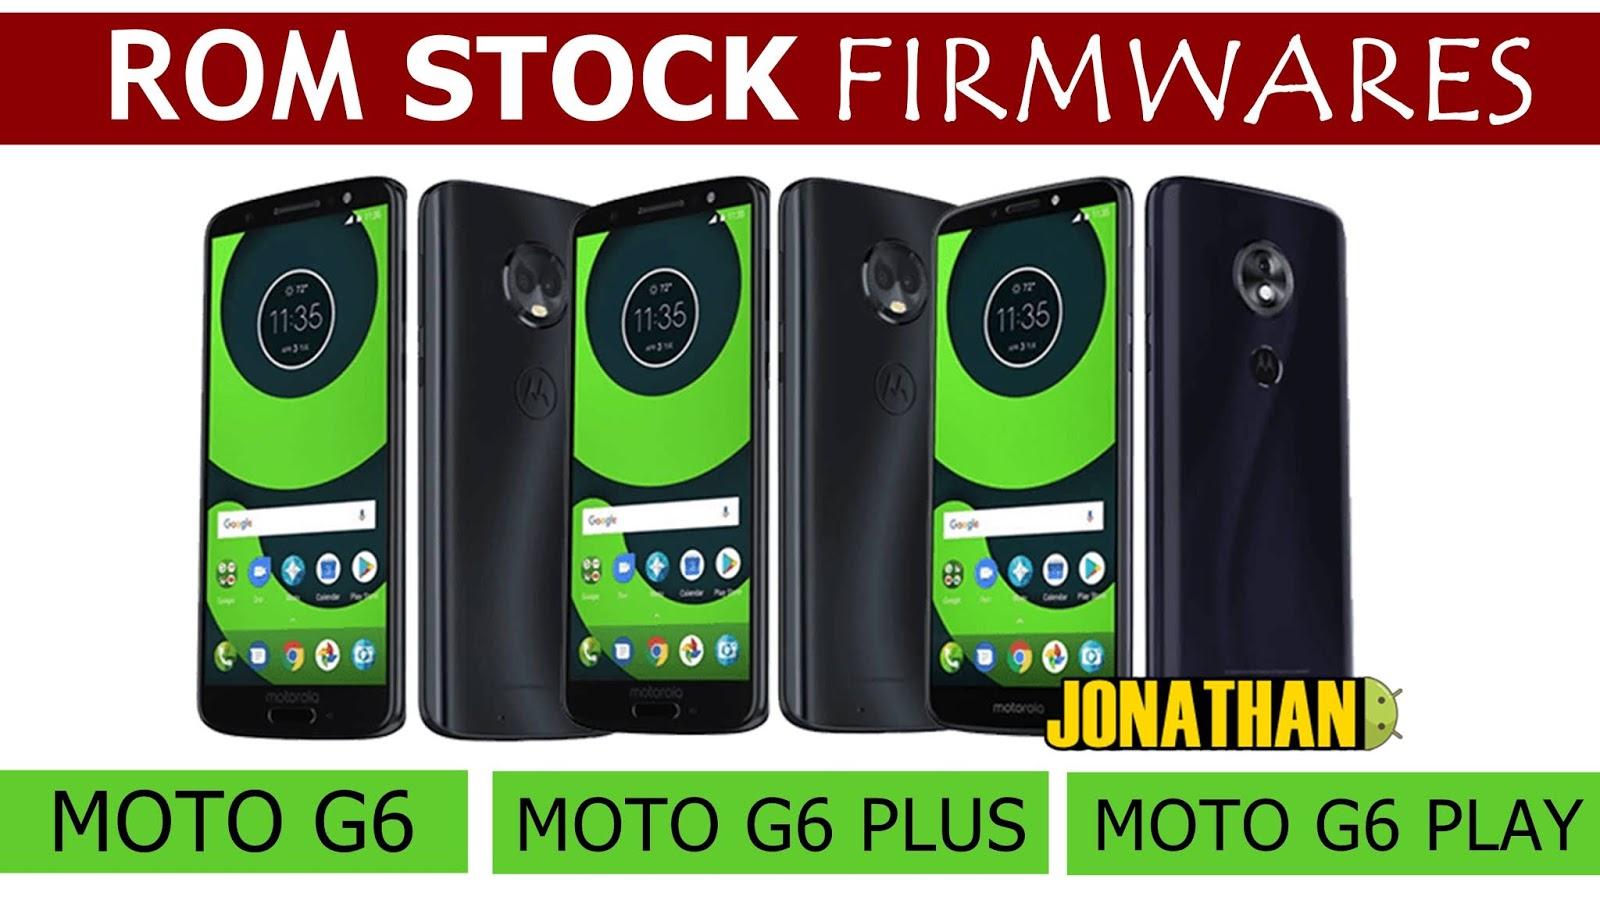 ROM STOCK - FIRMWARES ANDROID 8 0/8 1 OREO - PARA MOTO G6